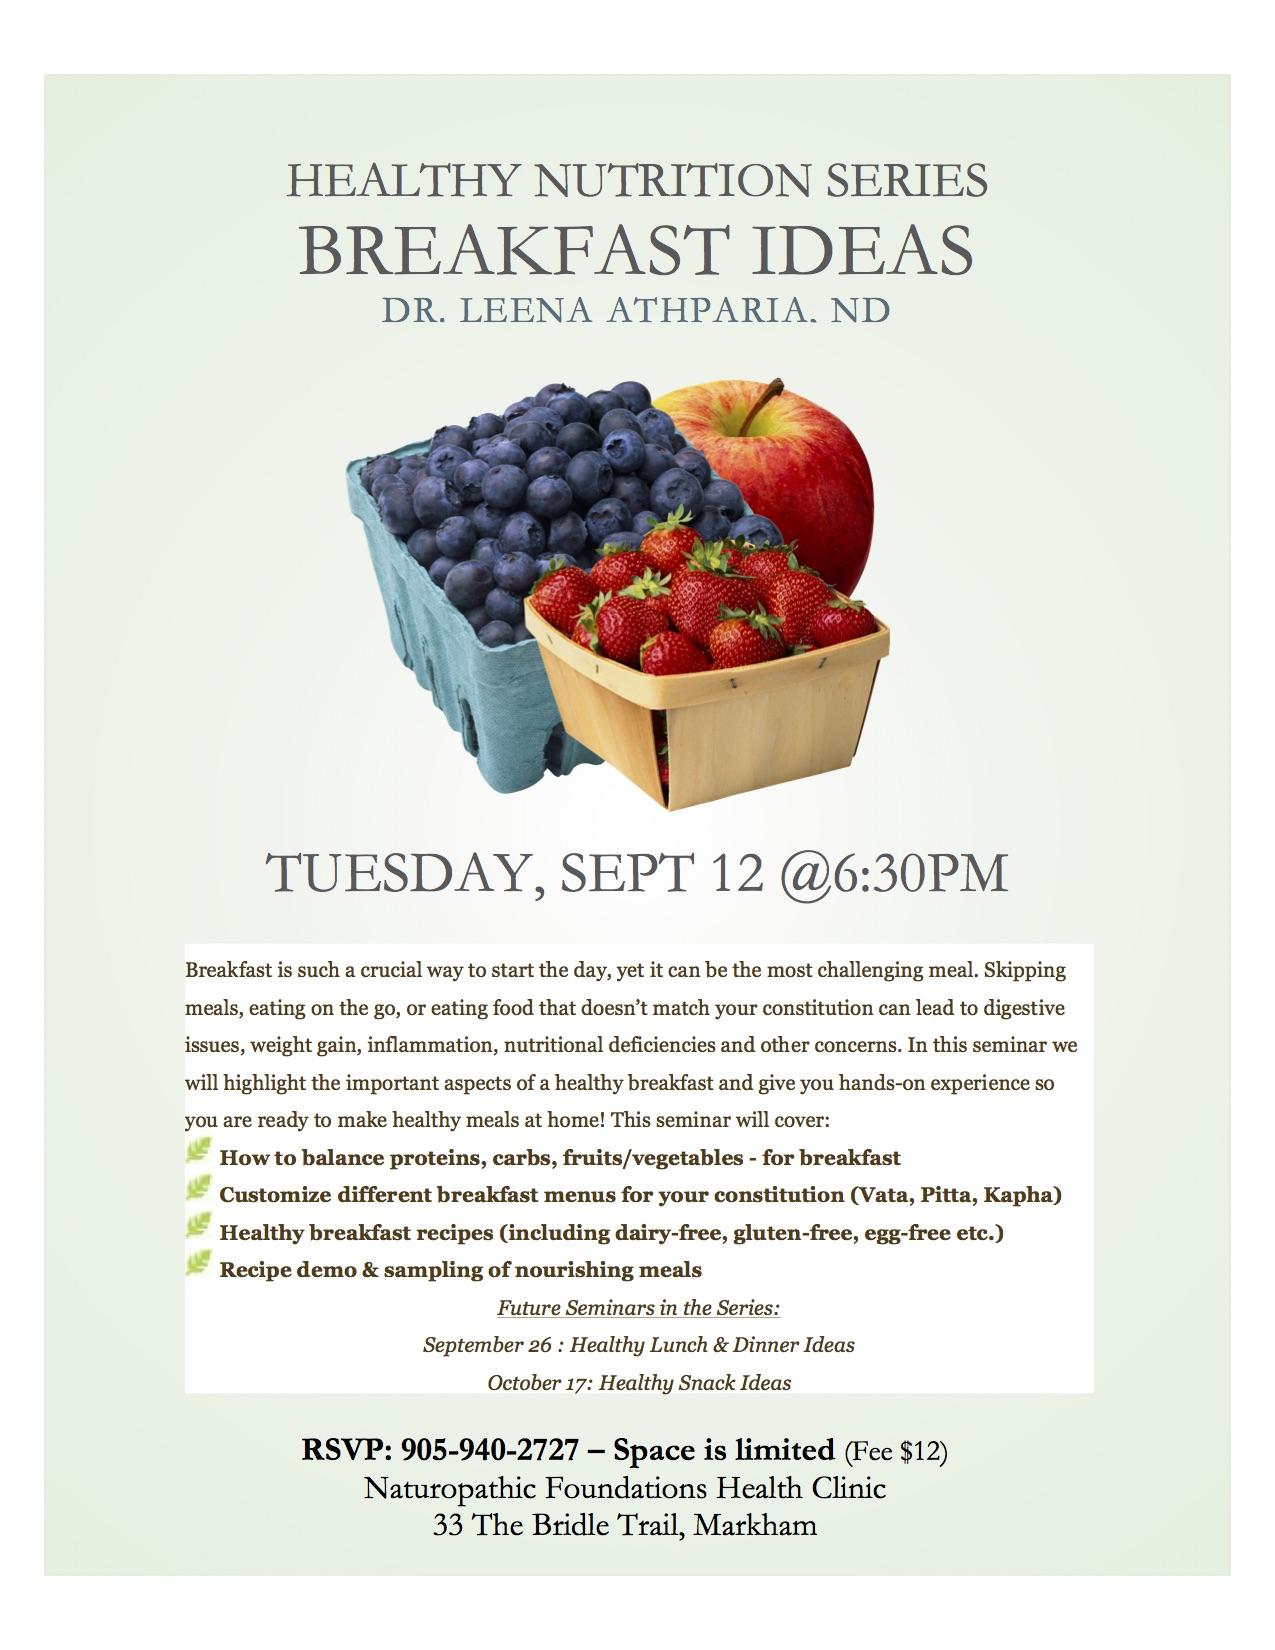 Workshop - Healthy Nutrition Series bkfast.jpg